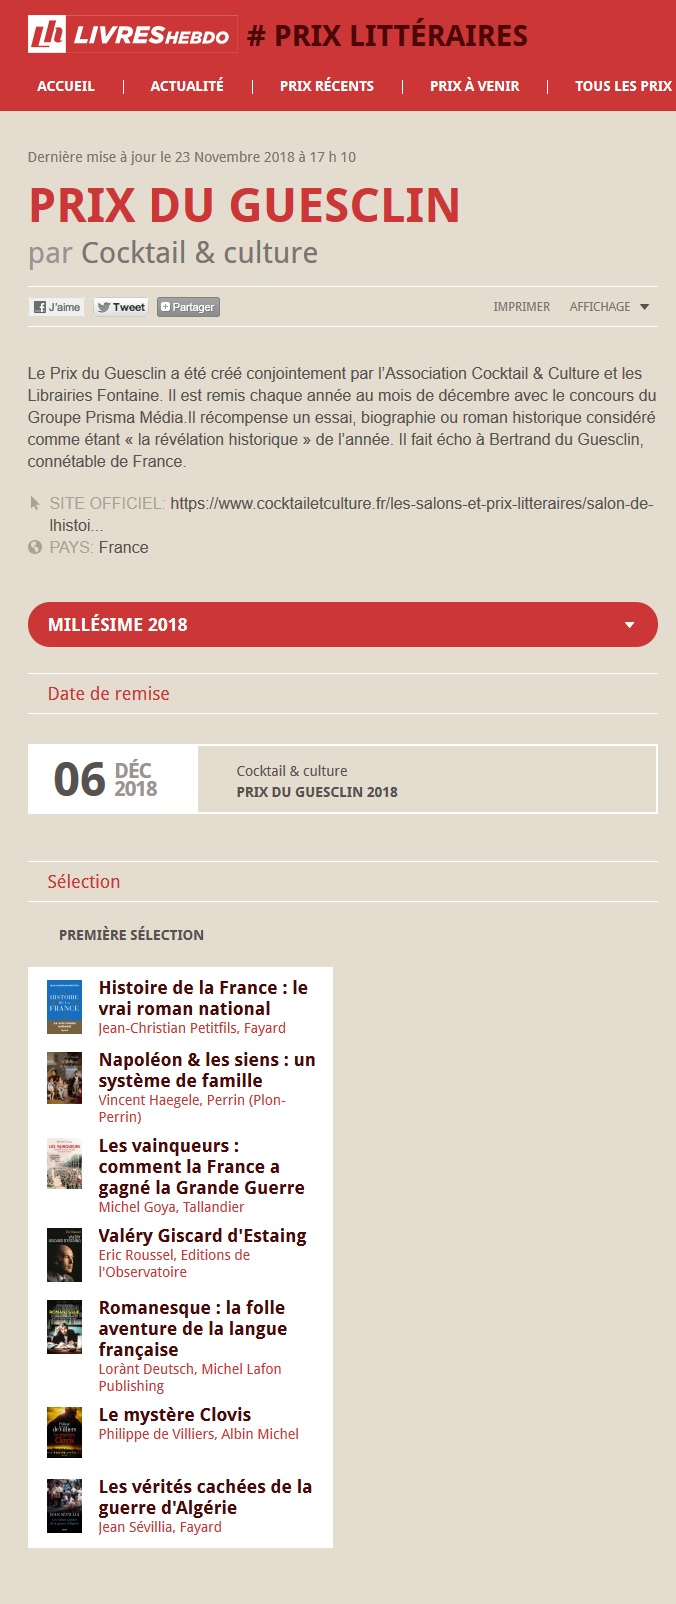 Article Livres Hebdo Prix du Guesclin 2018